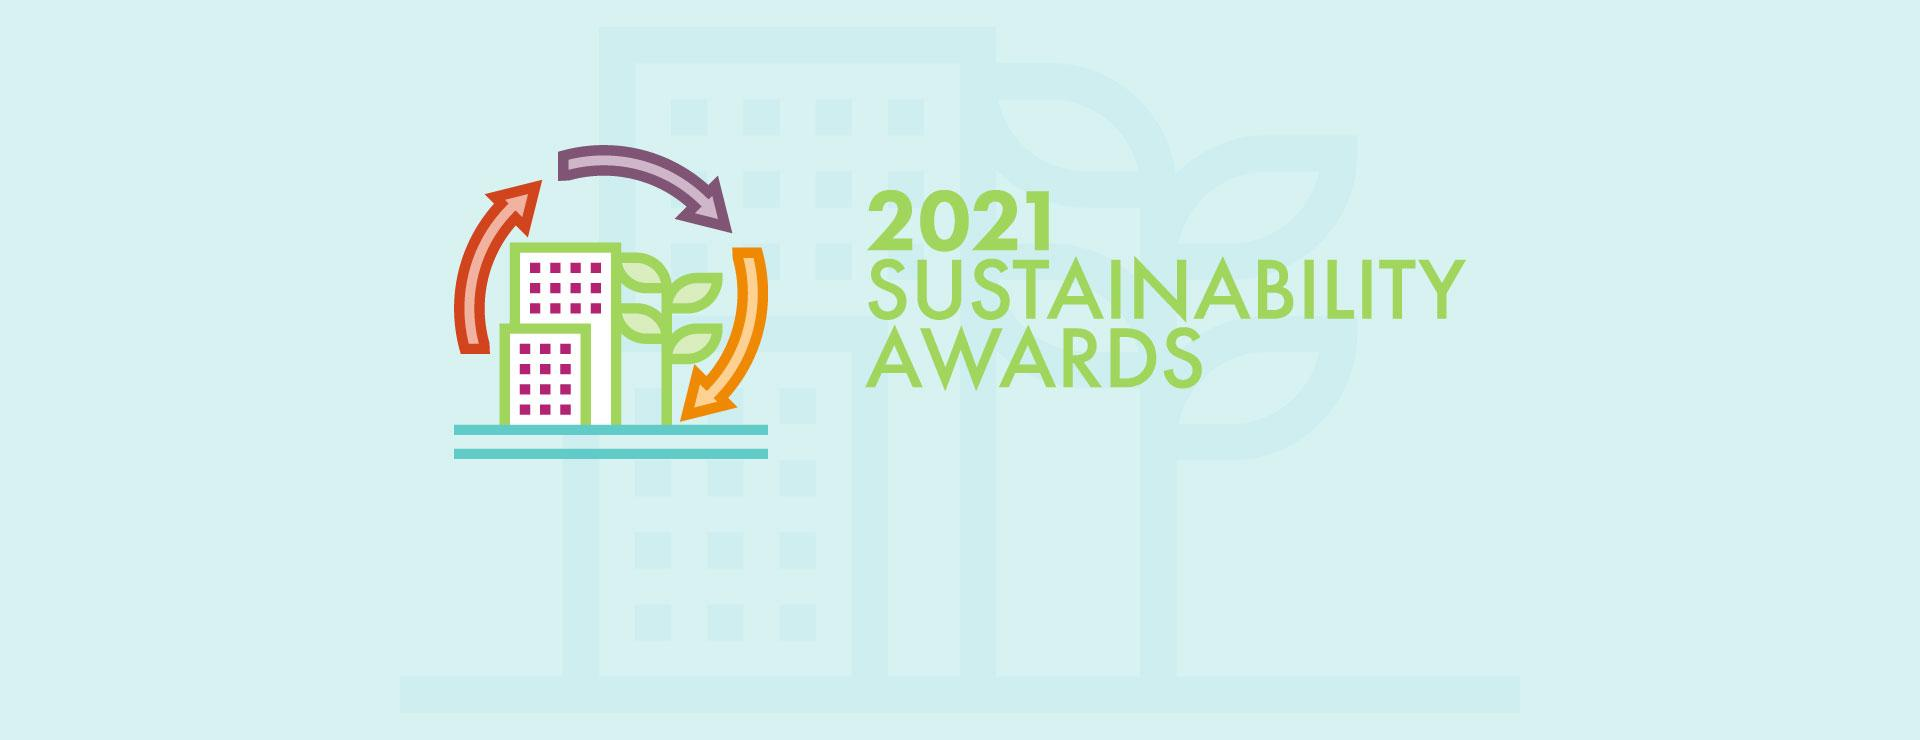 2021 Sustainability Awards